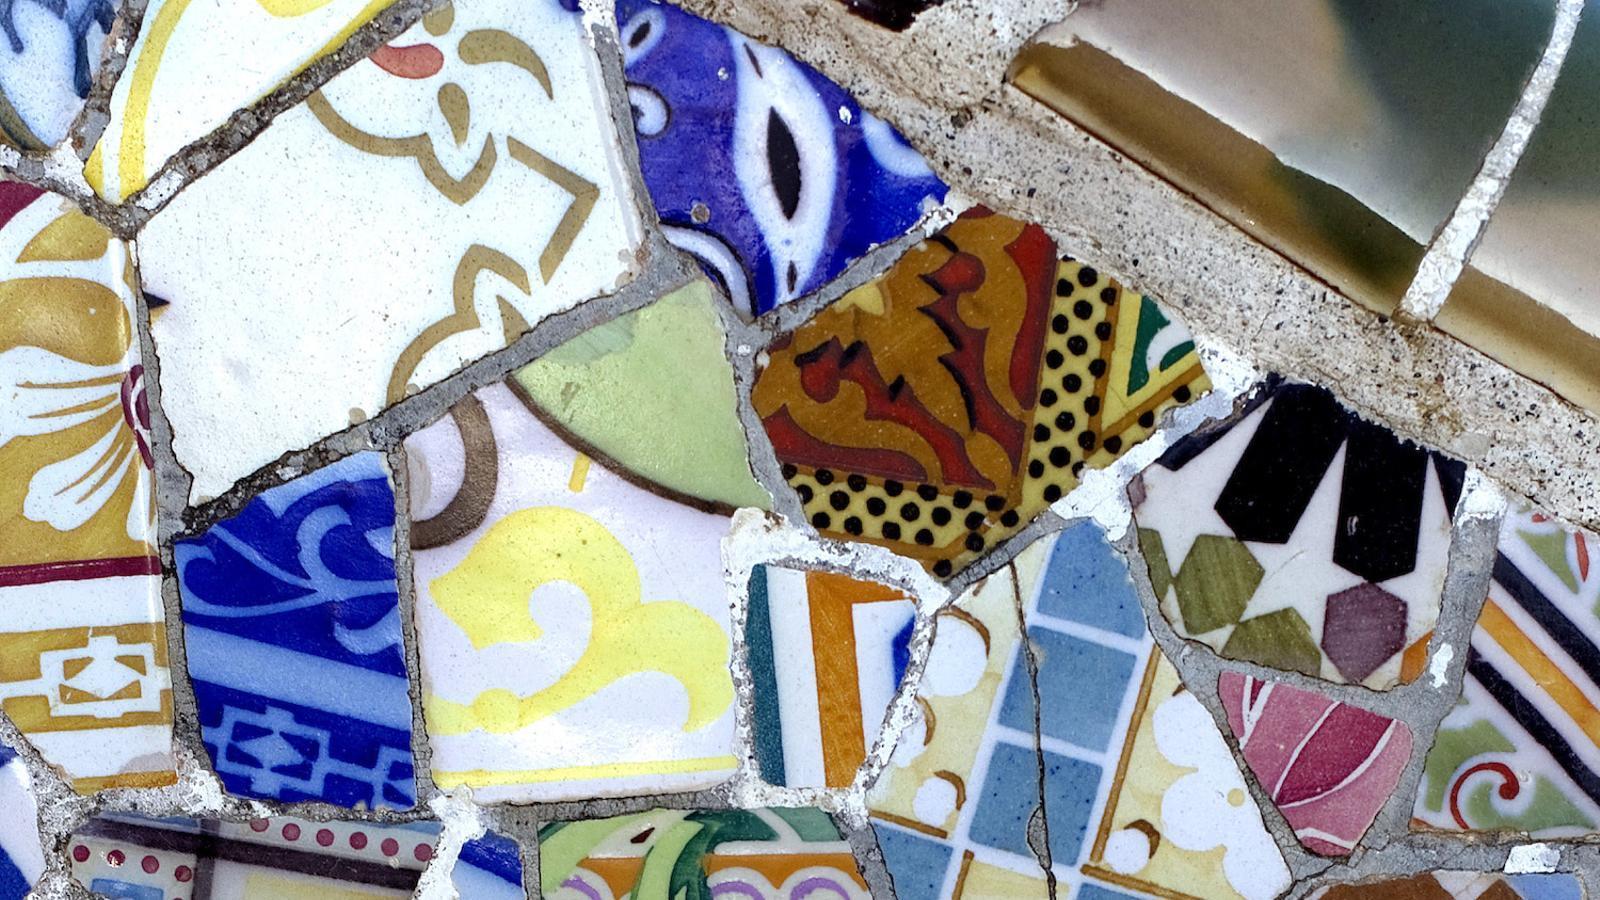 El trencadís gaudinià, transformat en icona de la seva arquitectura i de la Barcelona turística, ha fet oblidar la intensitat de la seva construcció segons Gaudí i la sofisticada elaboració intel·lectual i simbòlica. La seva naturalesa constructiva i la seva poca durabilitat han fet que sigui necessari un manteniment constant, que en alguns casos ha afavorit restauracions exemplars, però que en massa casos no s'ha executat seguint l'arquitectura gaudiniana sinó la seva banalització contemporània.